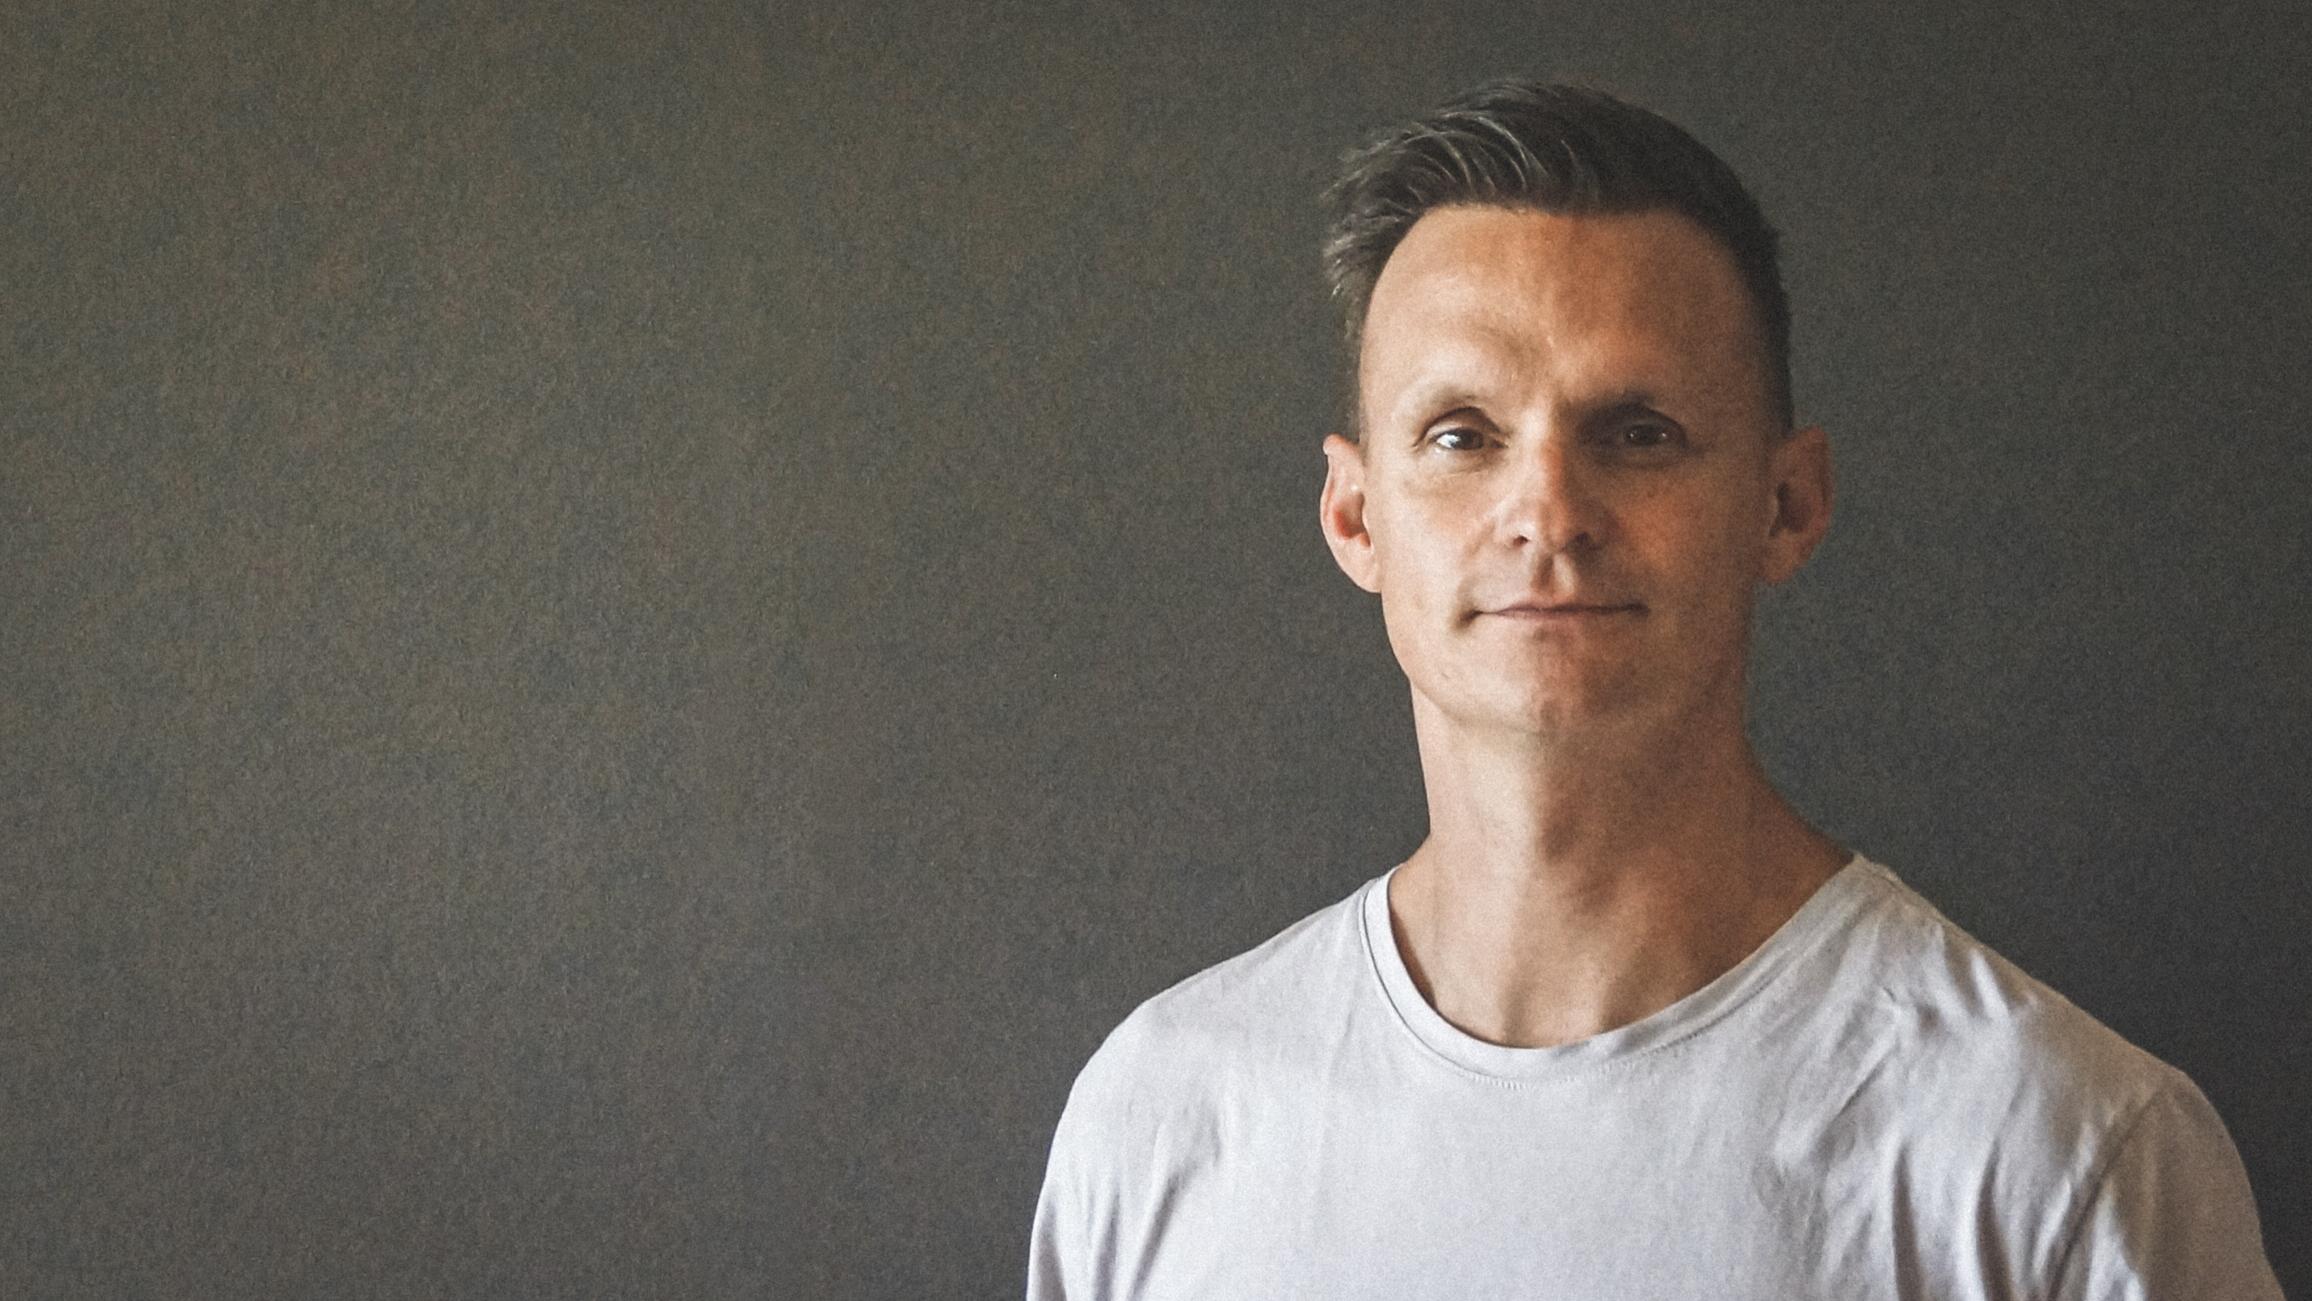 Profil billede af Bygningskonstruktør Jesper Toft Thomsen